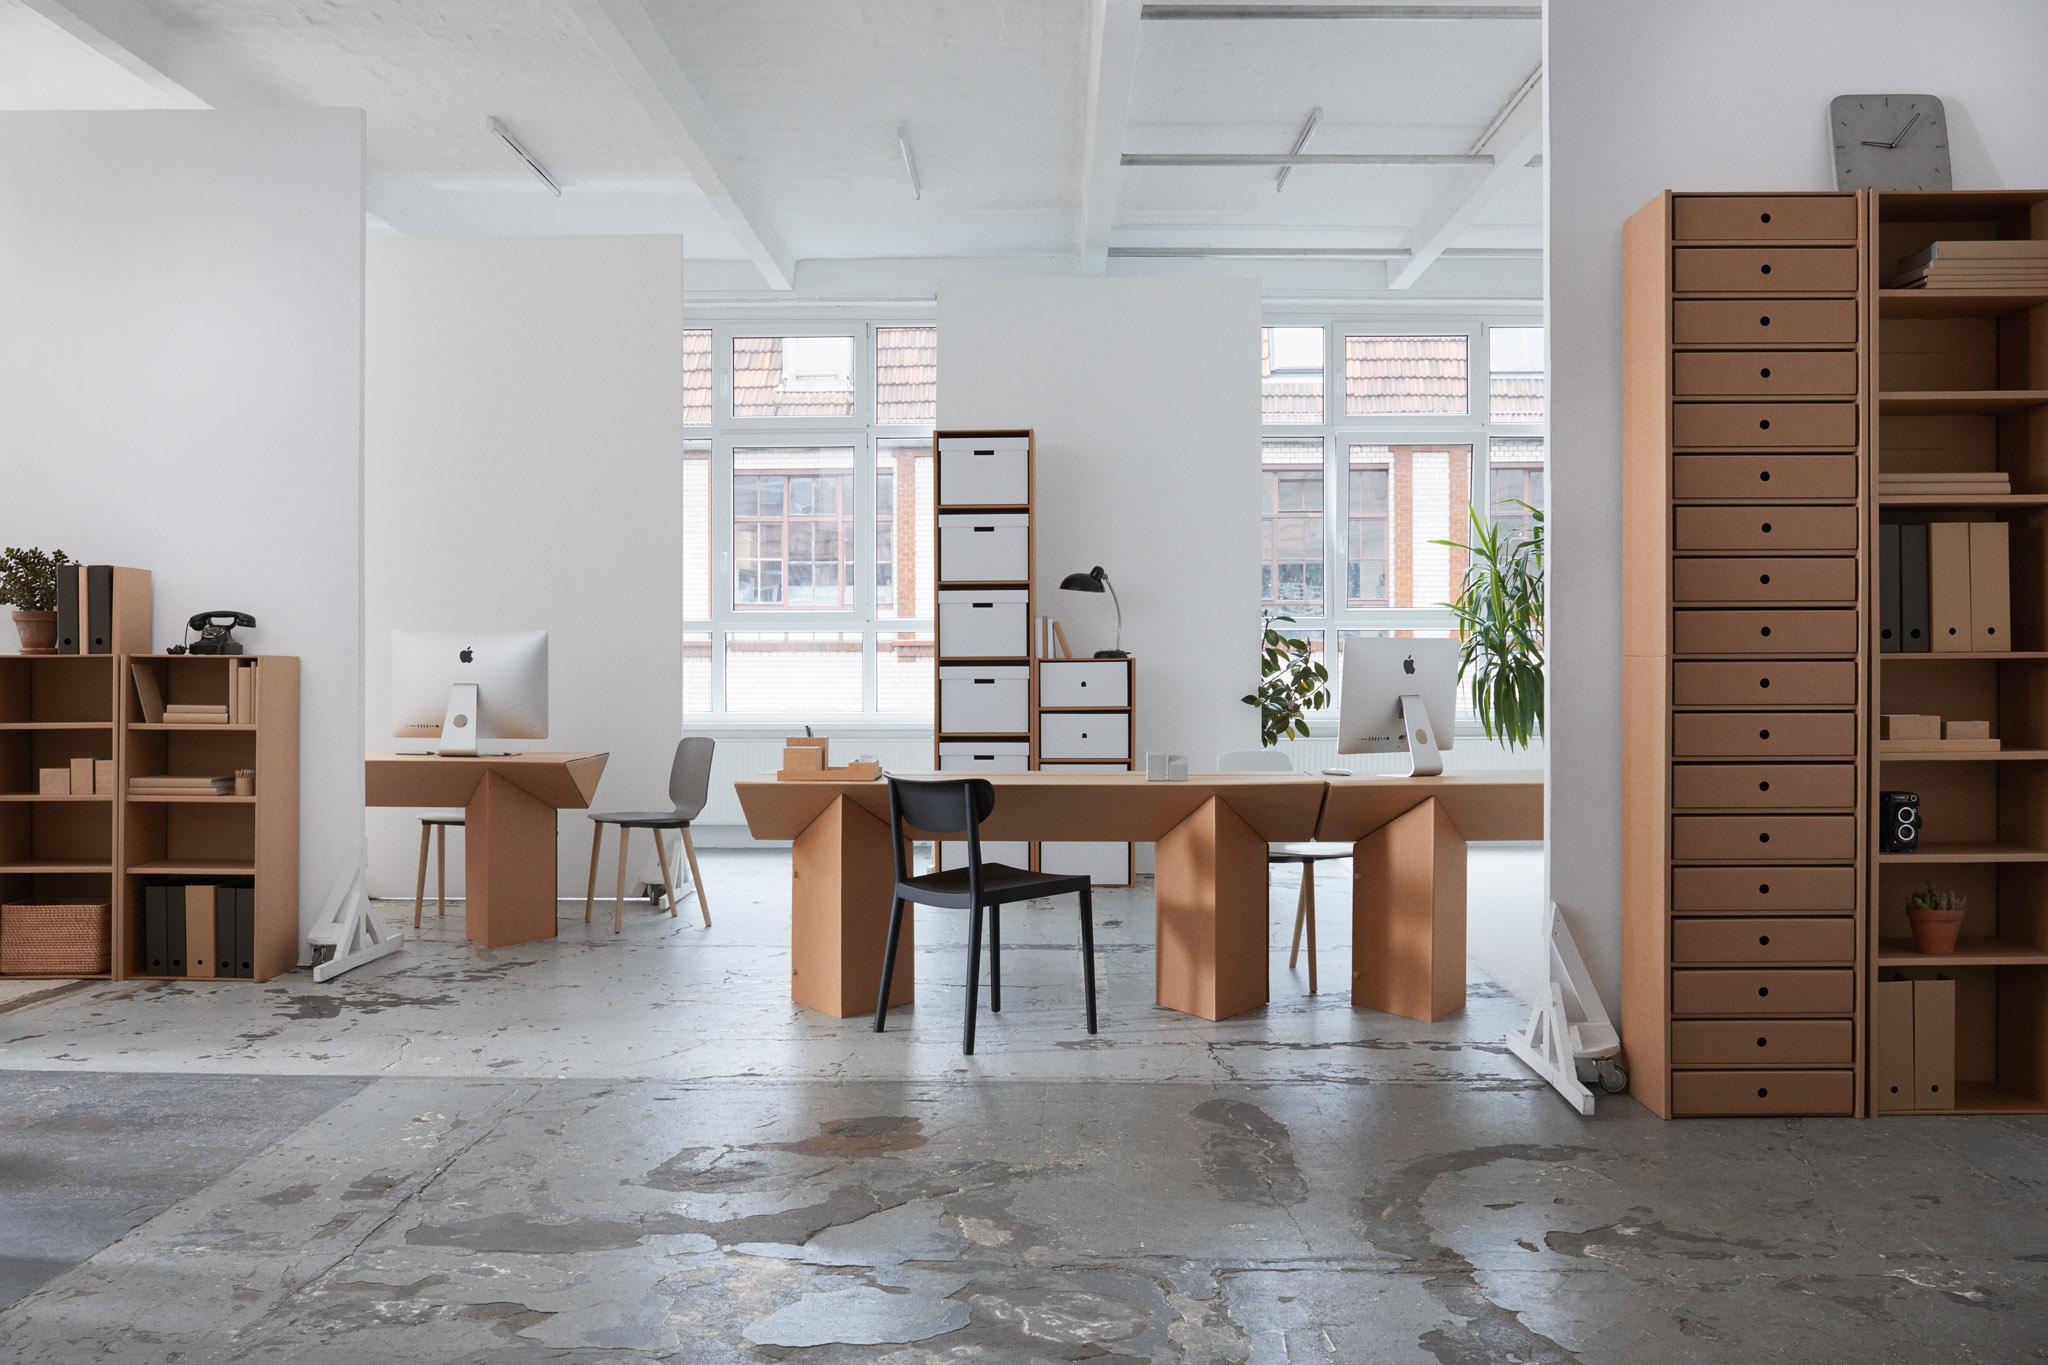 tisch tabula rasa der keiltisch aus pappe von stange design. Black Bedroom Furniture Sets. Home Design Ideas